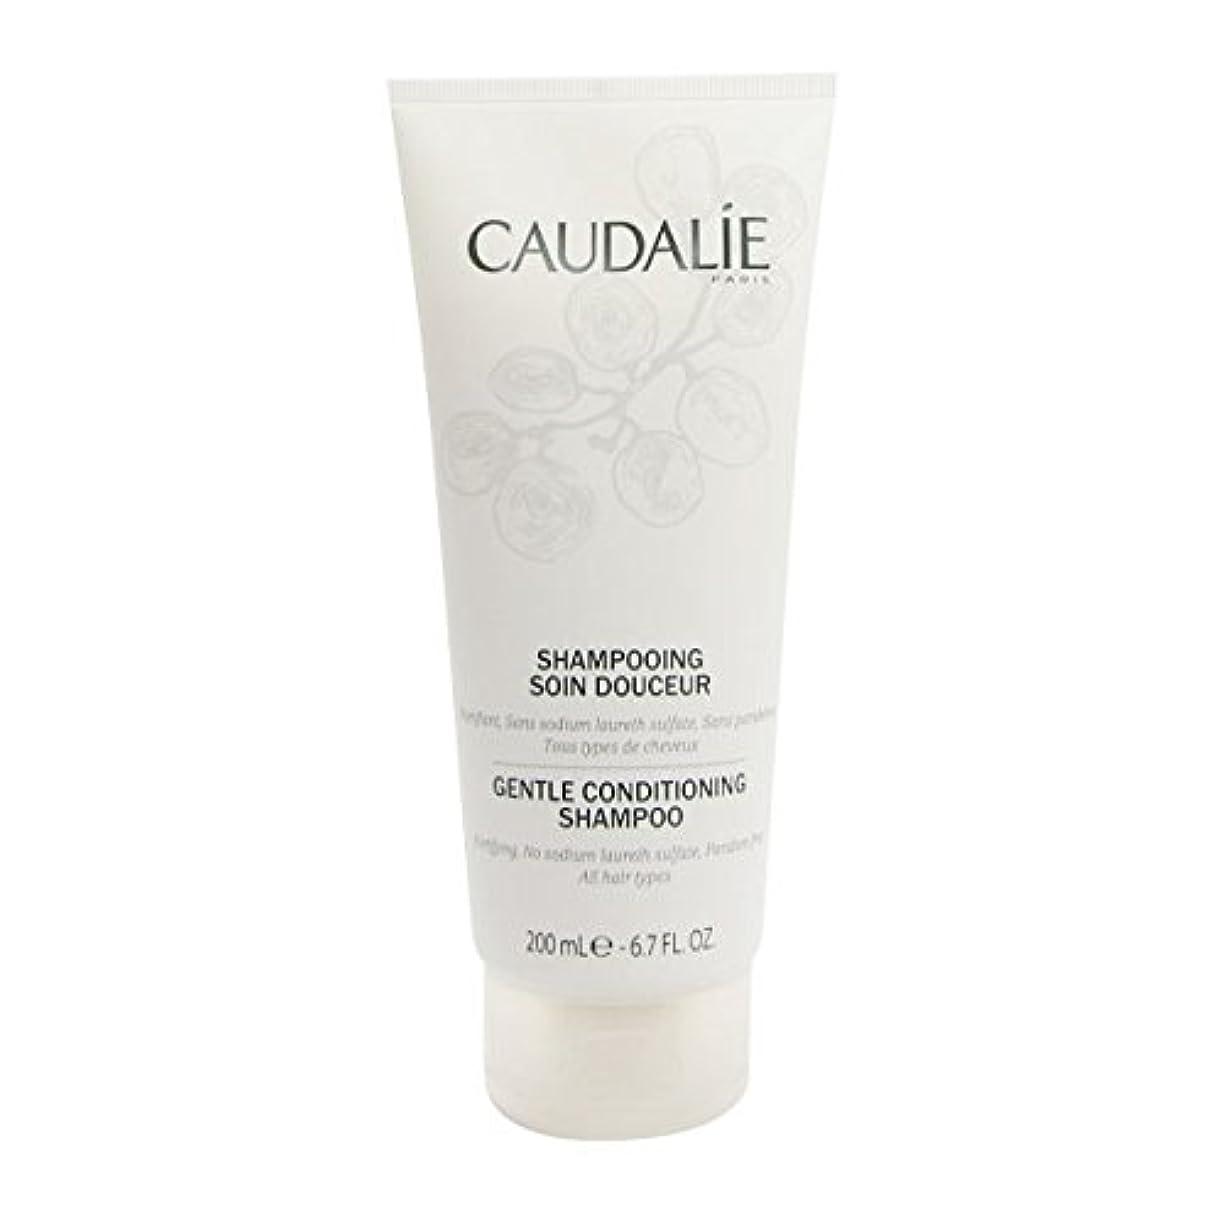 安全な前述の接尾辞Caudalie Gentle Conditioning Shampoo 200ml [並行輸入品]